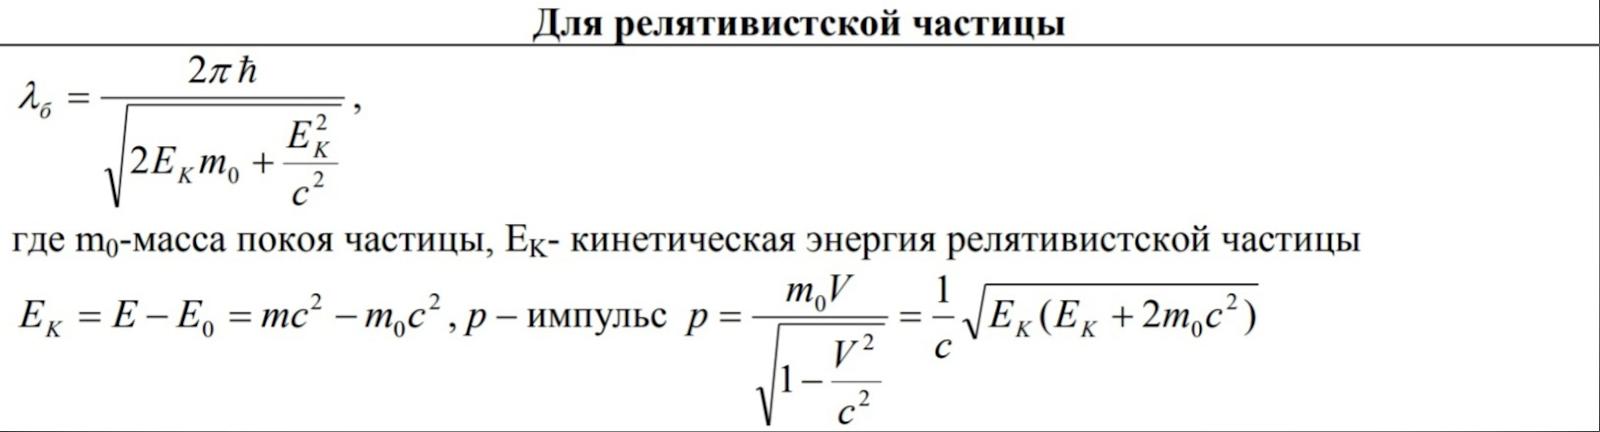 Эффективное сечение, сечение захвата и деления. Уран-235, 238 и плутоний-239